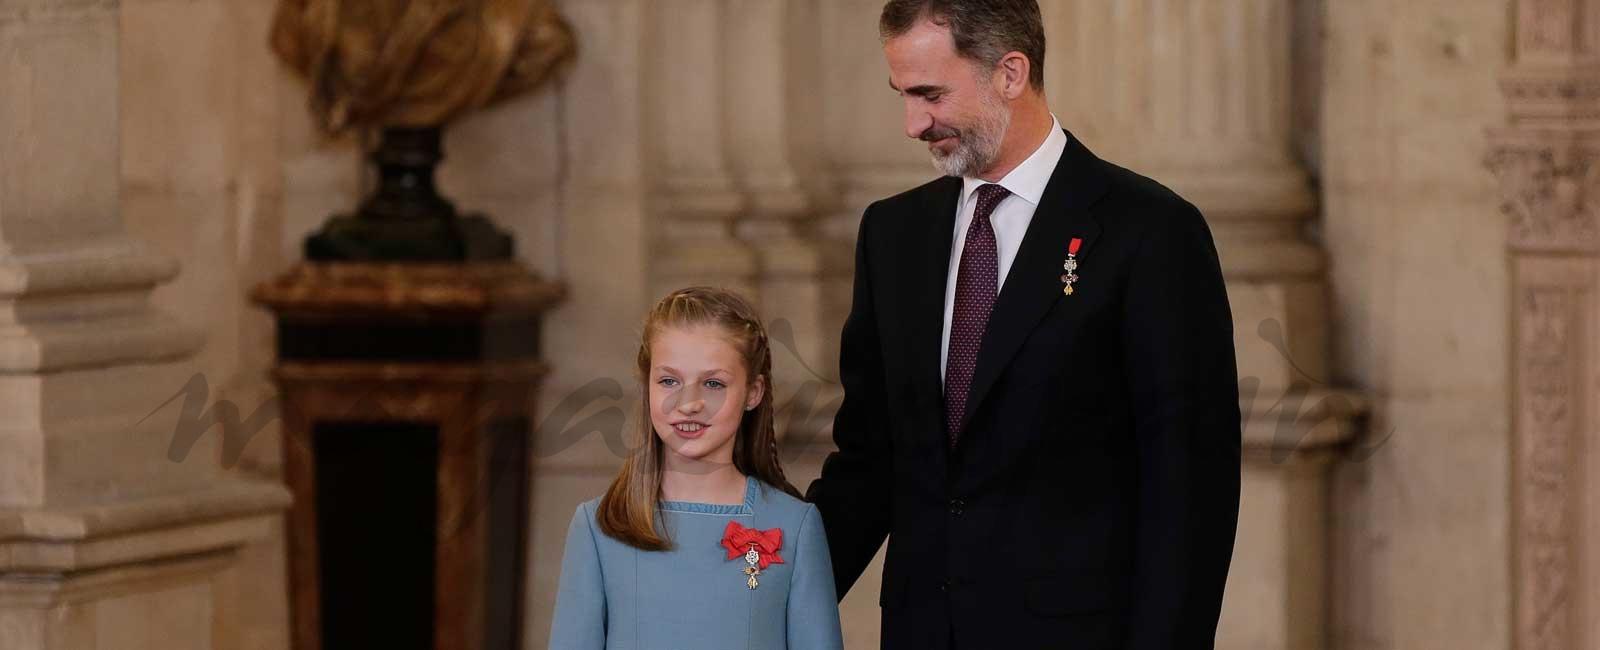 Con motivo de su 50 cumpleaños, el rey Felipe VI impone el Toisón de Oro a la princesa Leonor